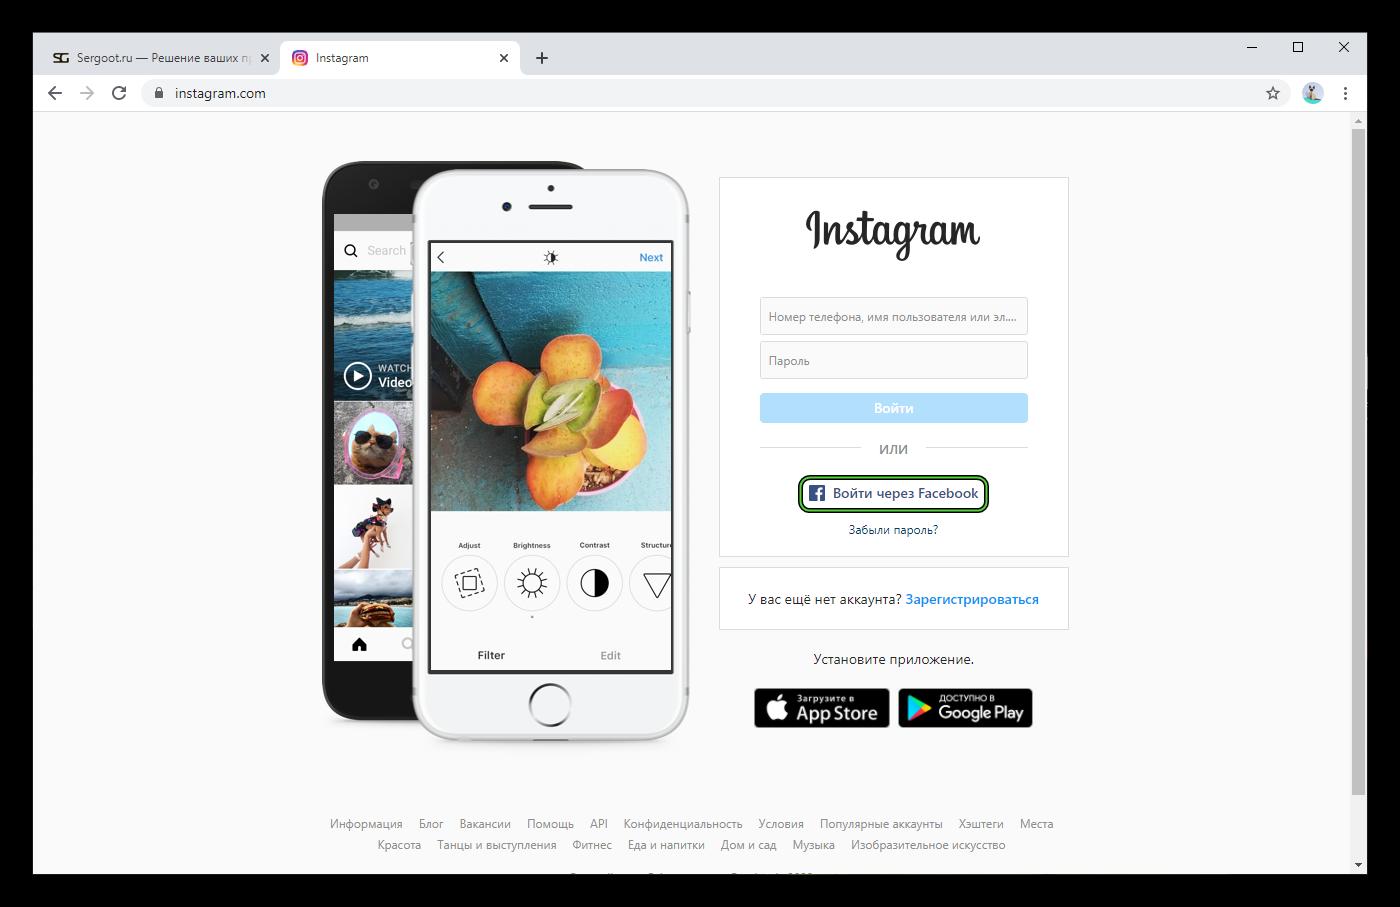 Кнопка Войти через Facebook на сайте Instagram